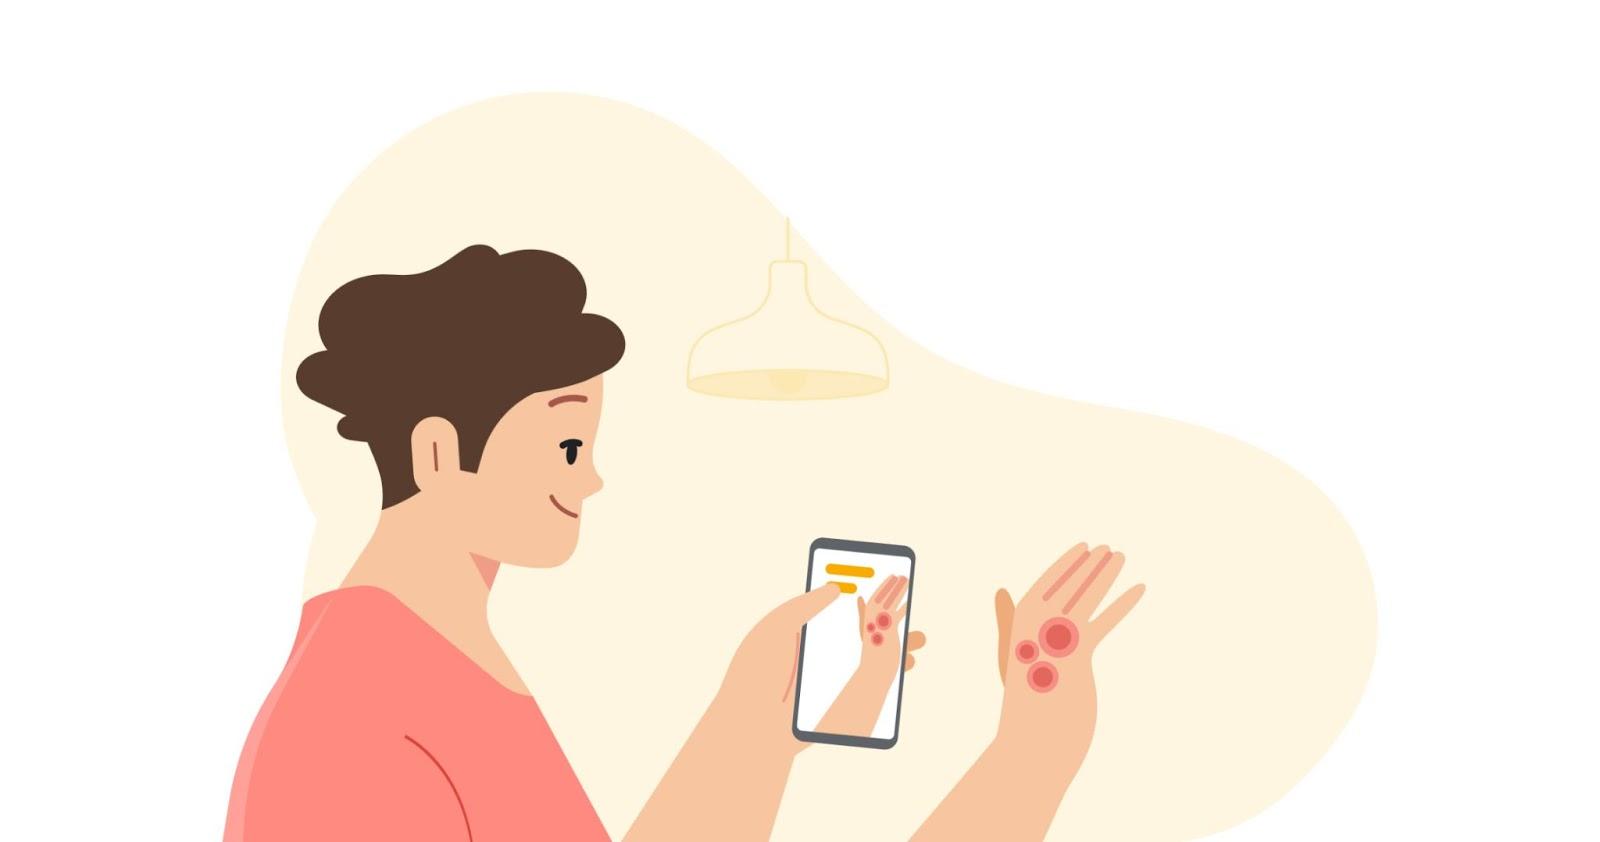 الذكاء الاصطناعي من جوجل يحدد أمراض الجلد الشائعة